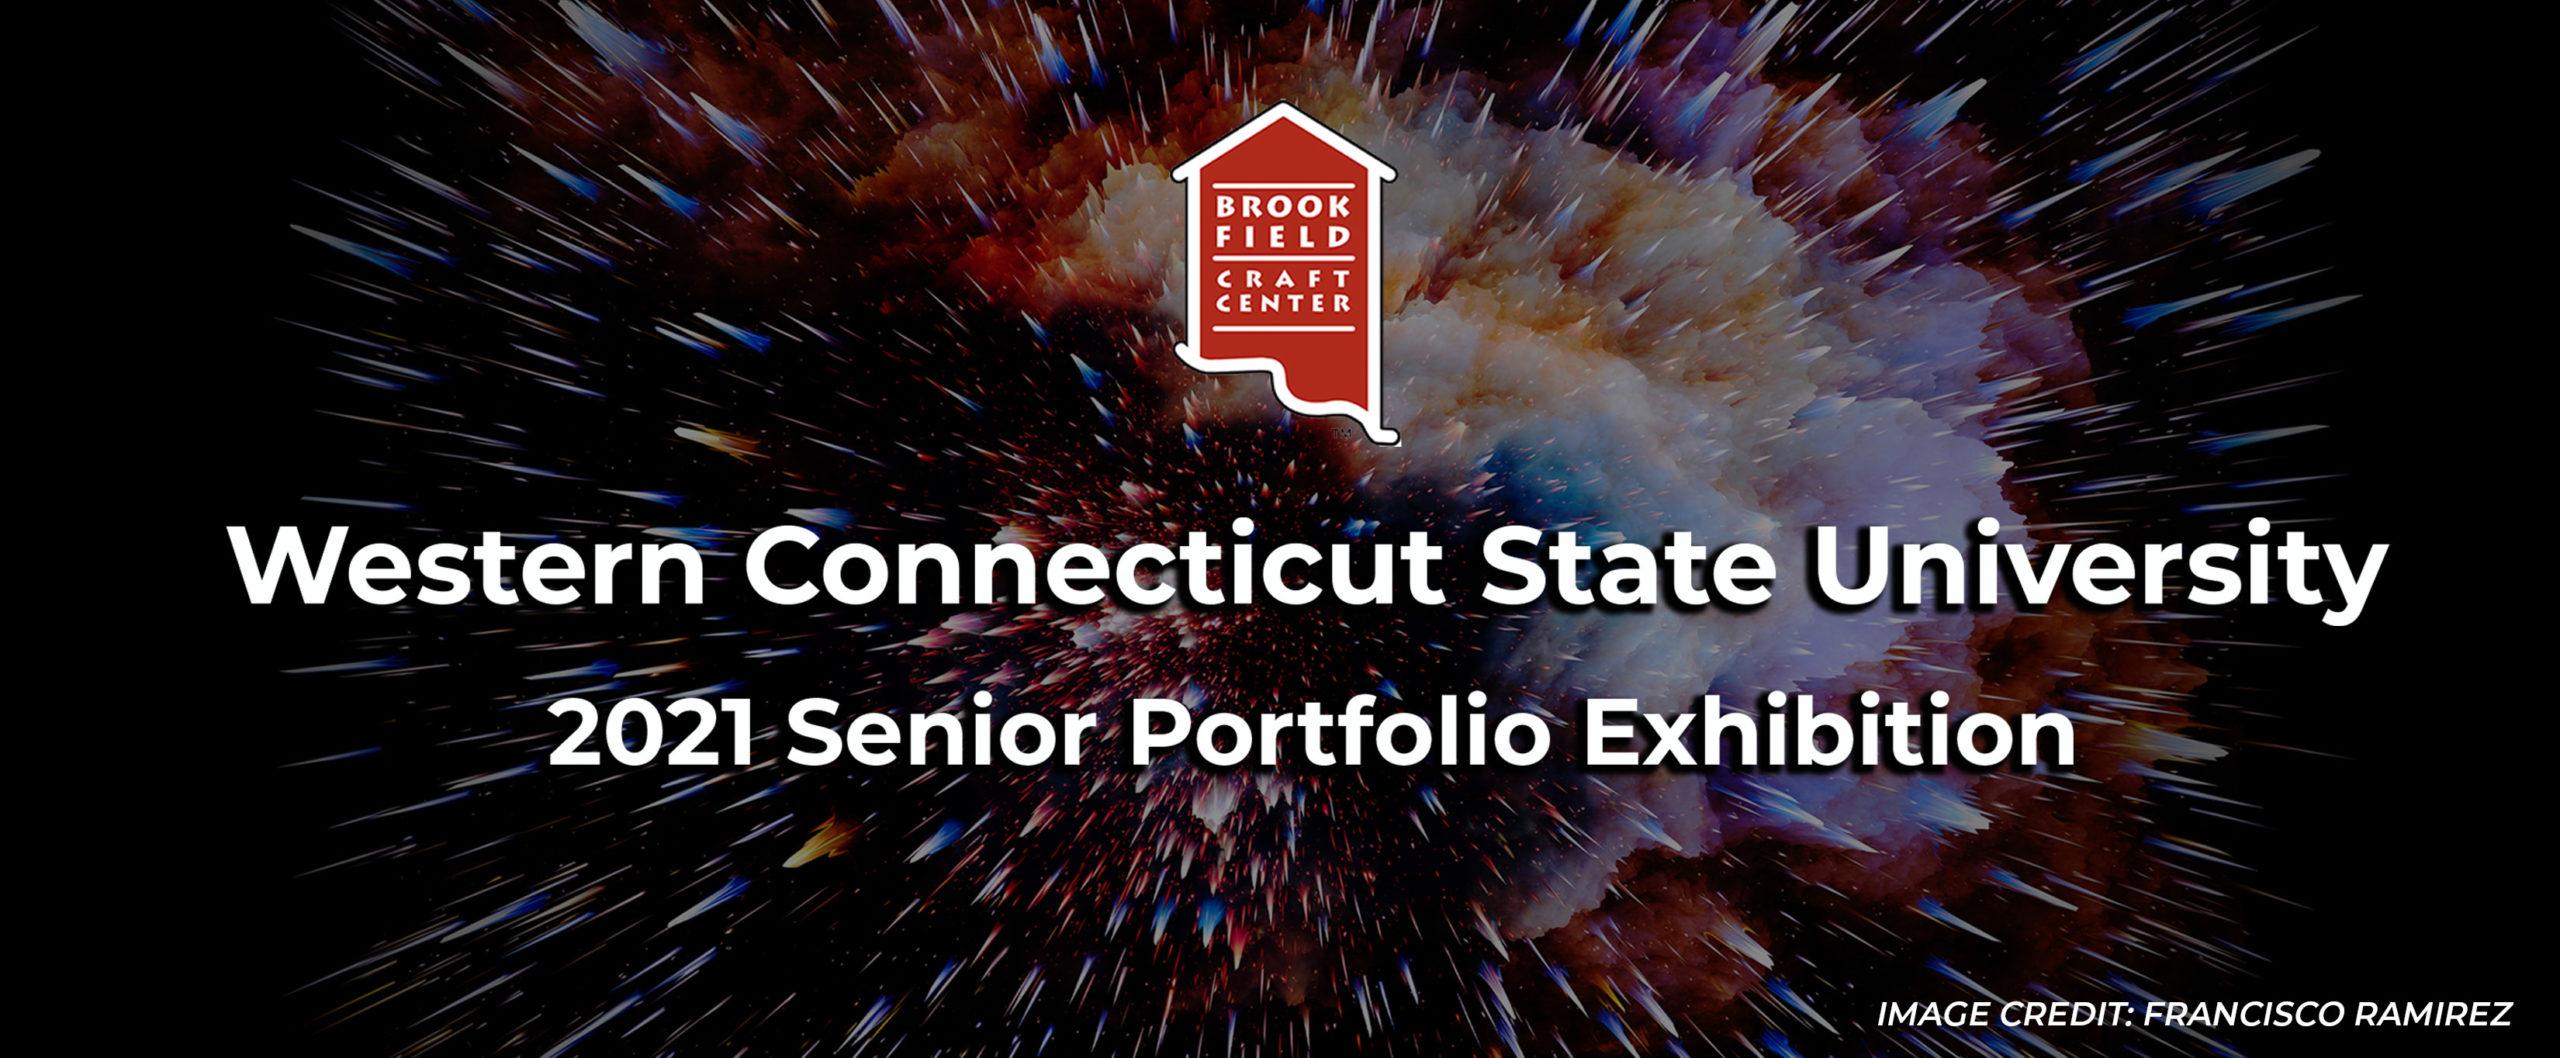 Western Connecticut State University 2021 Senior Portfolio Exhibition Header